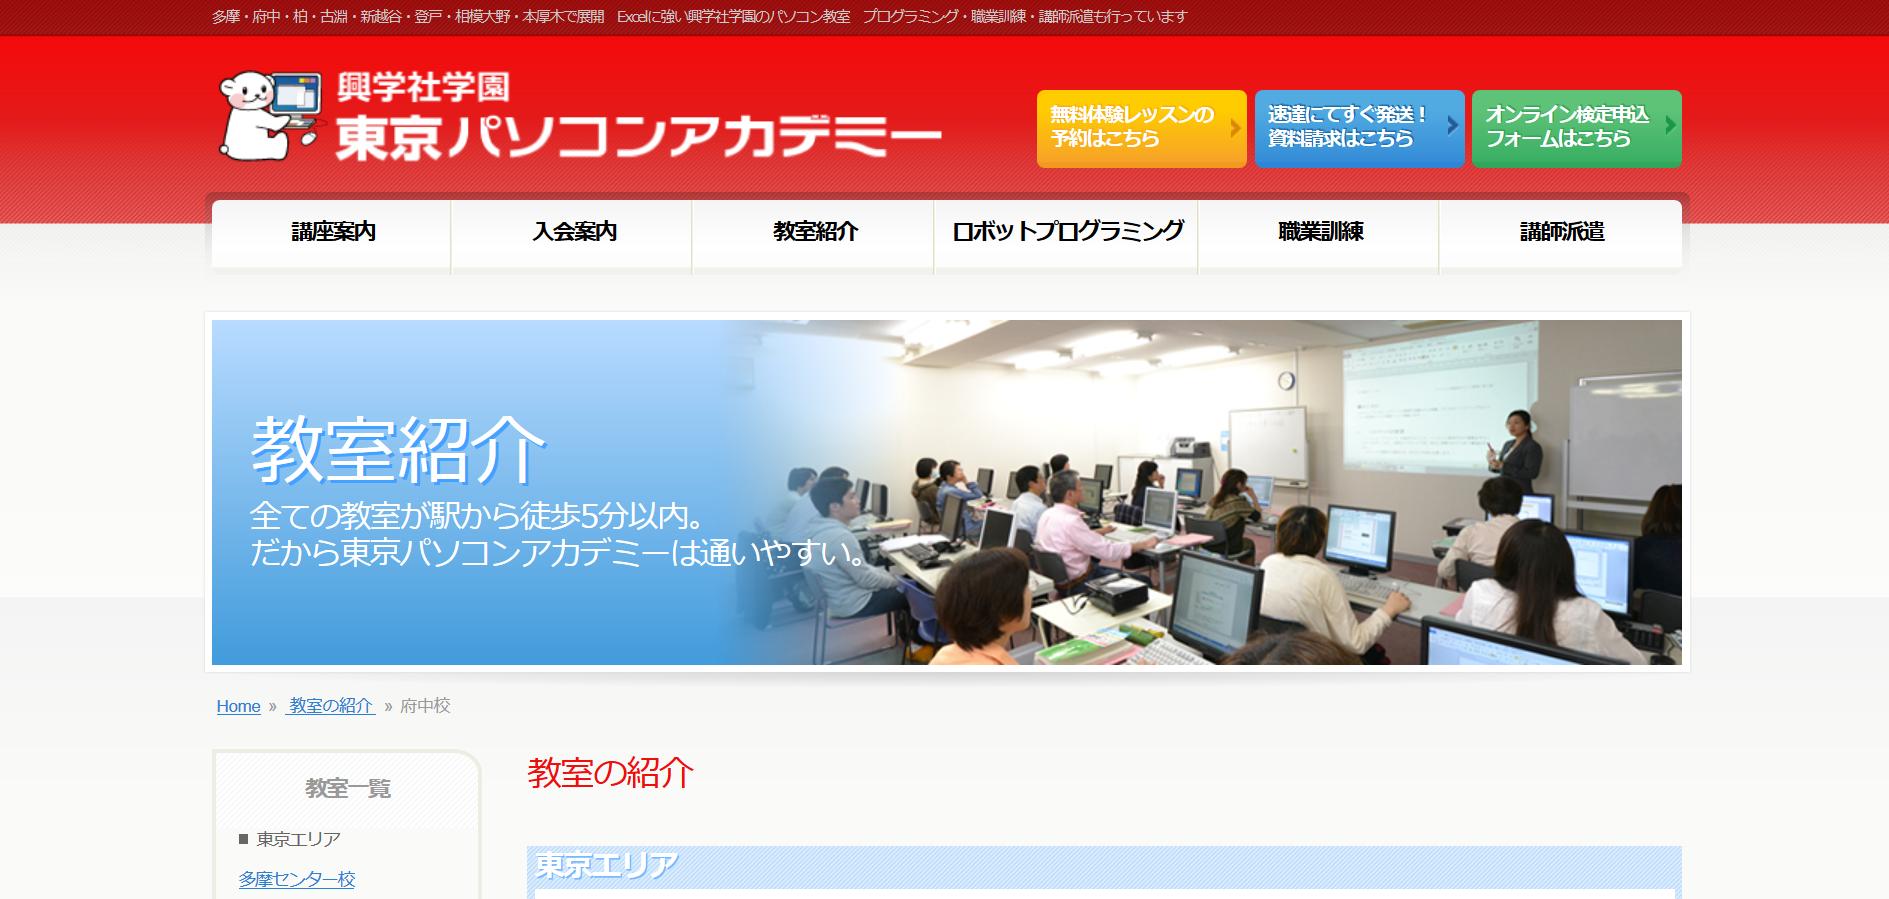 東京パソコンアカデミー 府中校の評判・口コミ